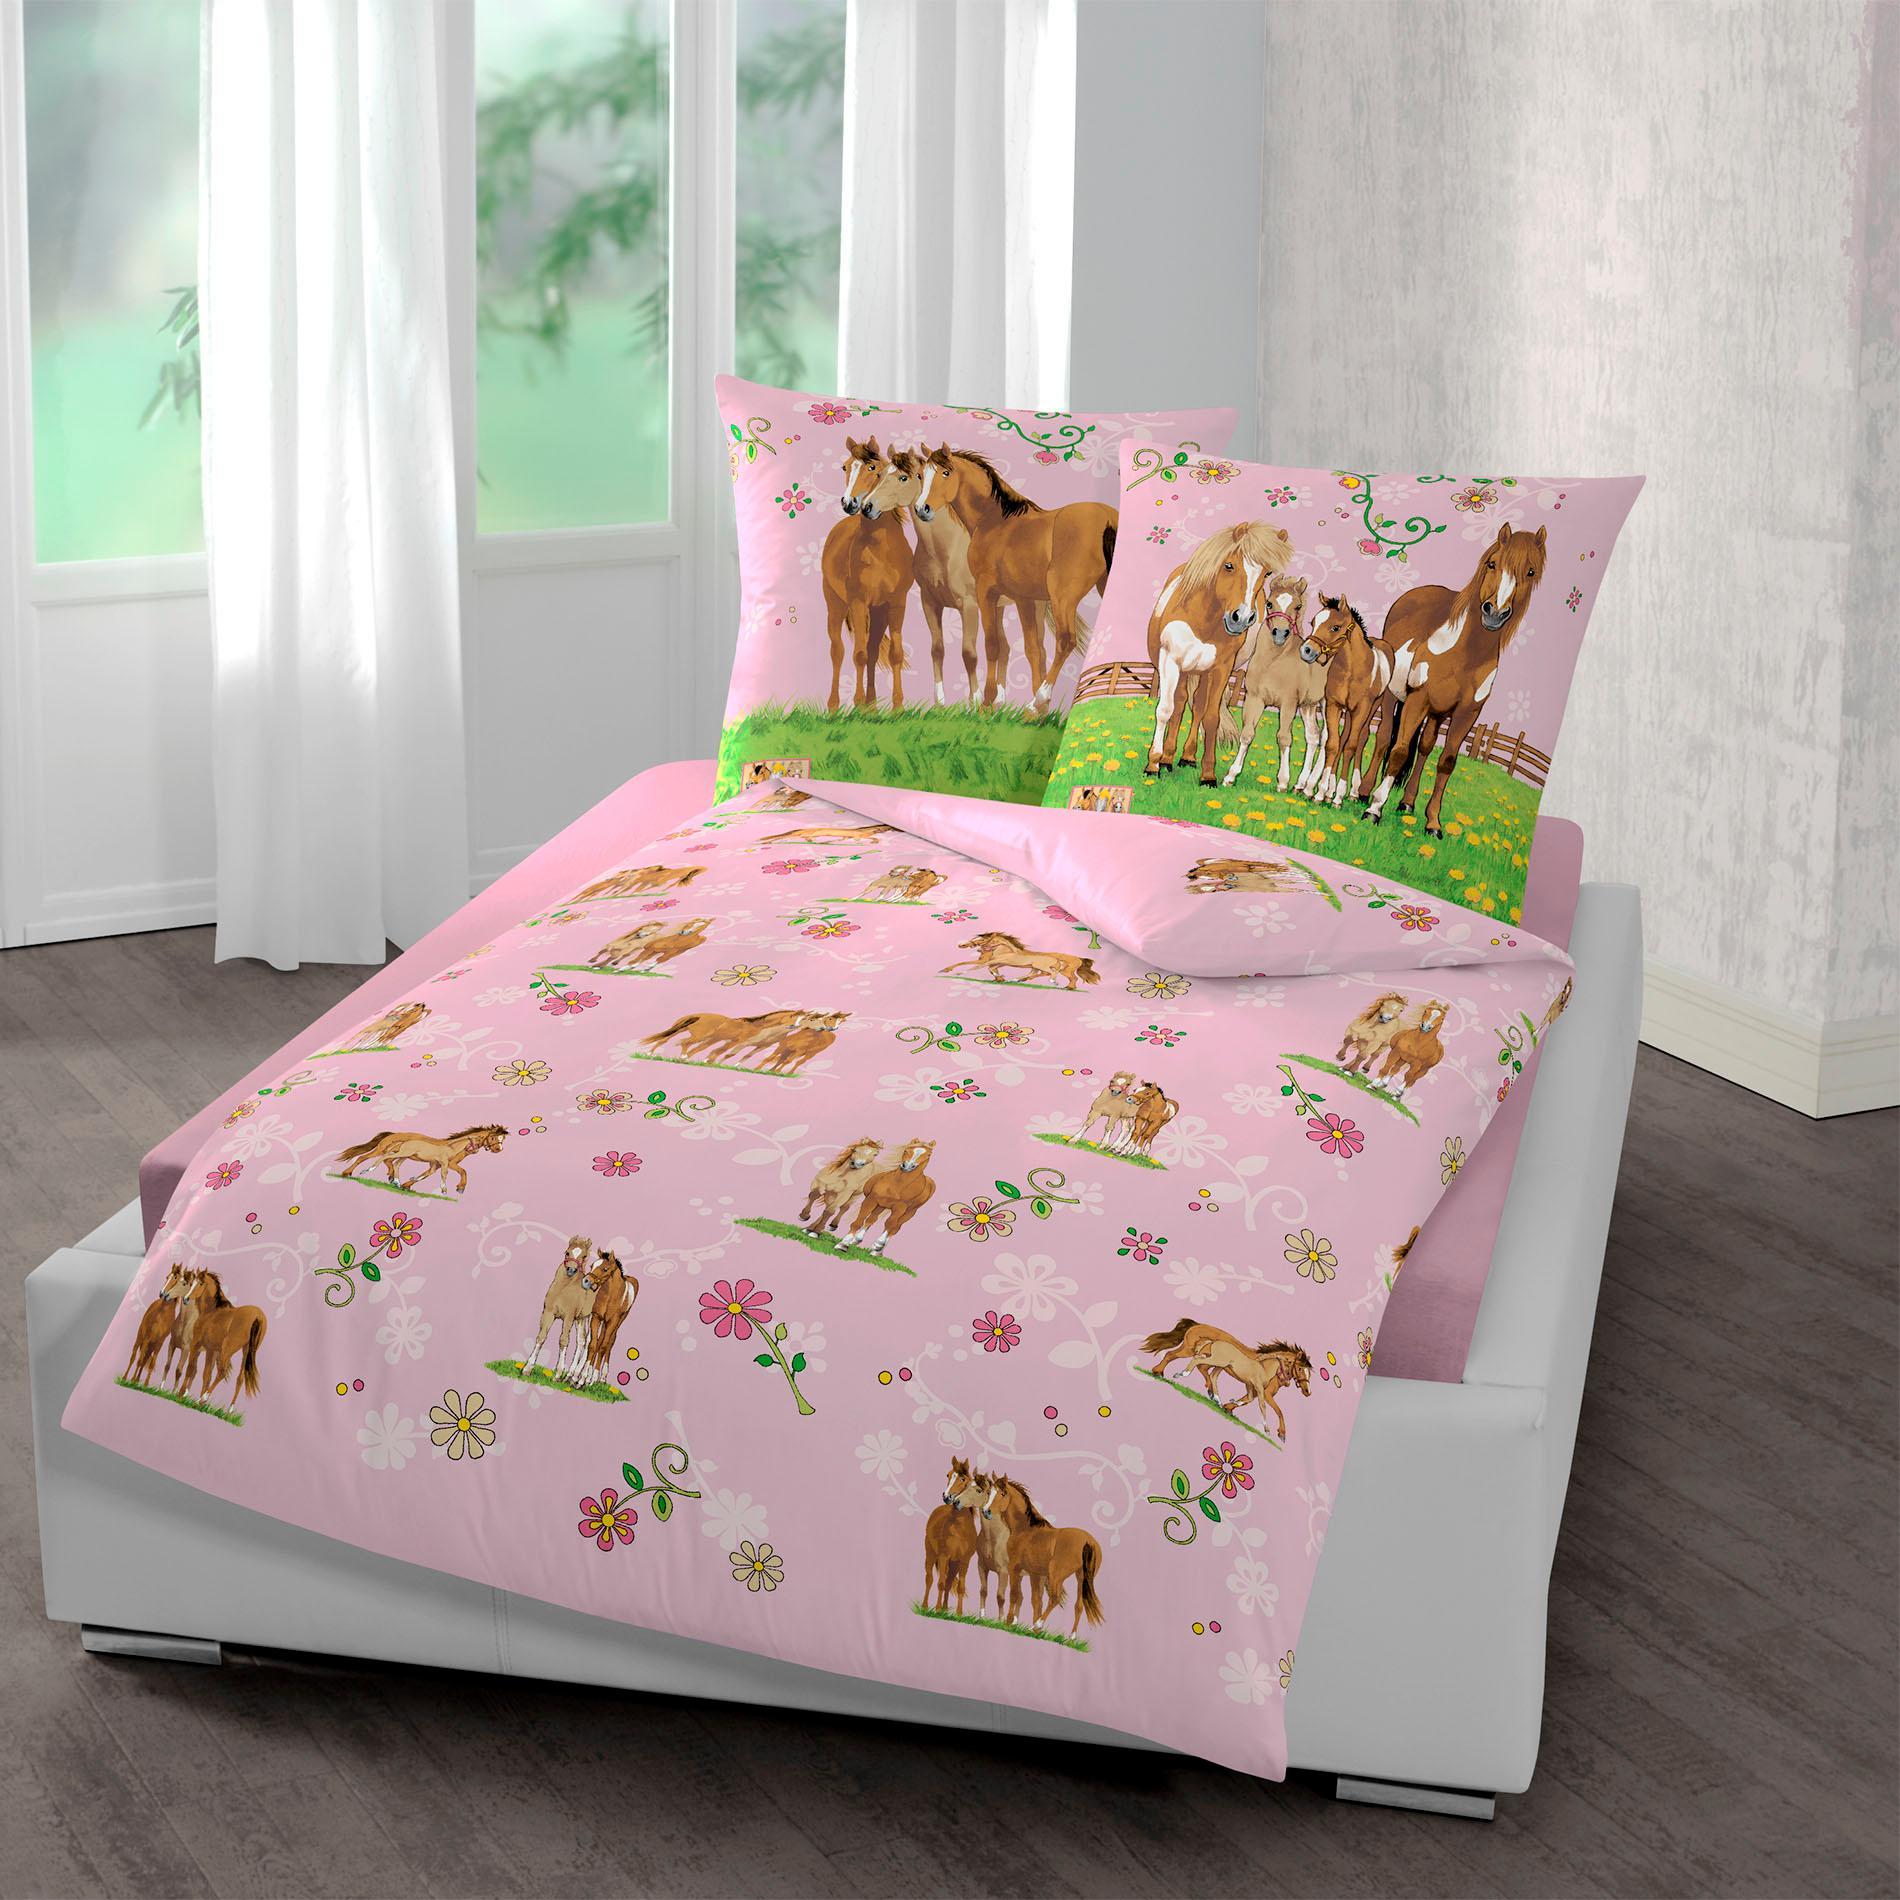 Kinderbettwäsche »Pferde«, Pferdefreunde | Kinderzimmer > Textilien für Kinder > Kinderbettwäsche | Rosa | Baumwolle | PFERDEFREUNDE